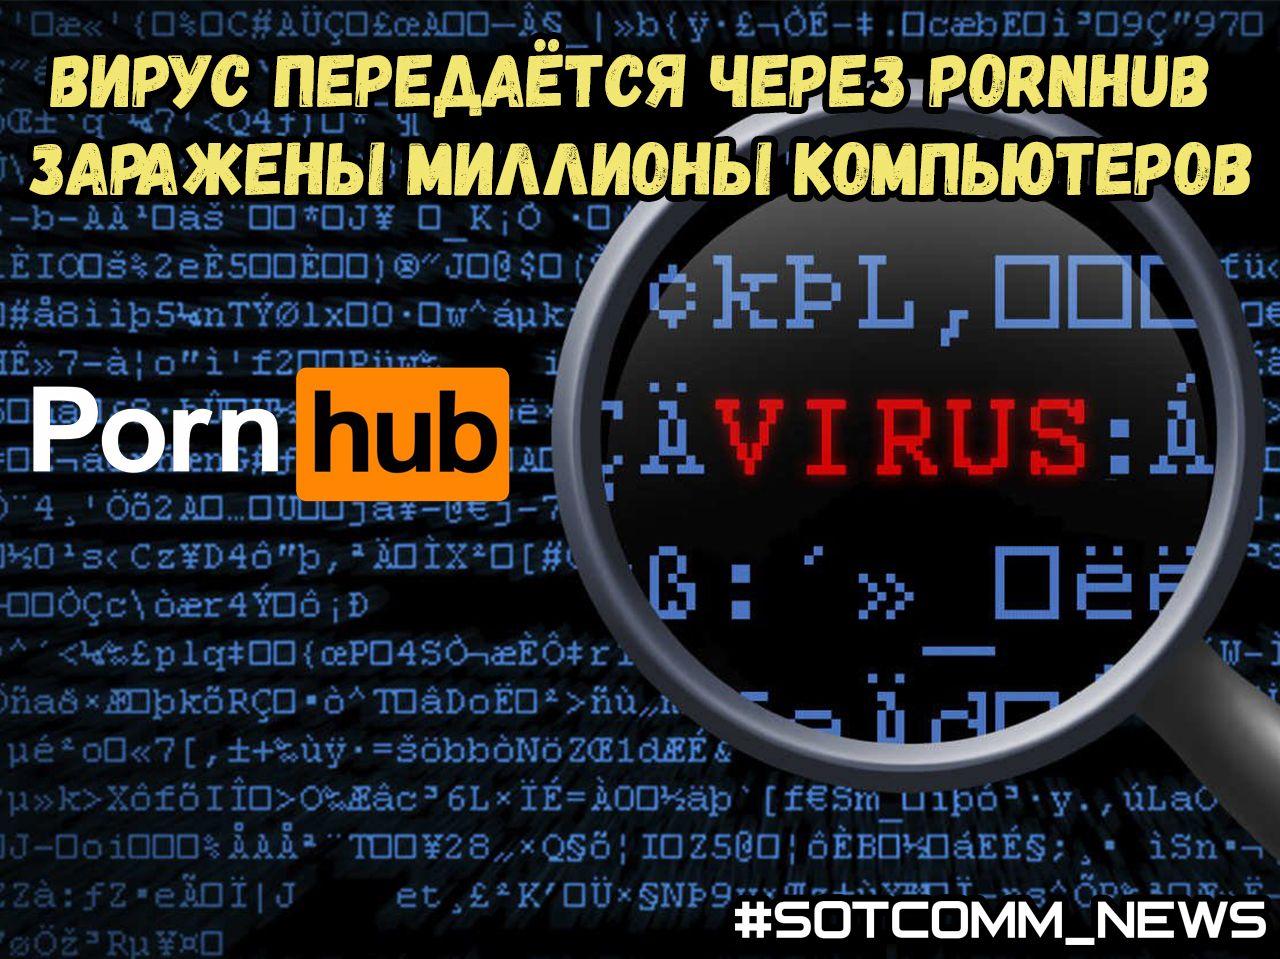 Вирус передаётся через Pornhub, заражены миллионы компьютеров